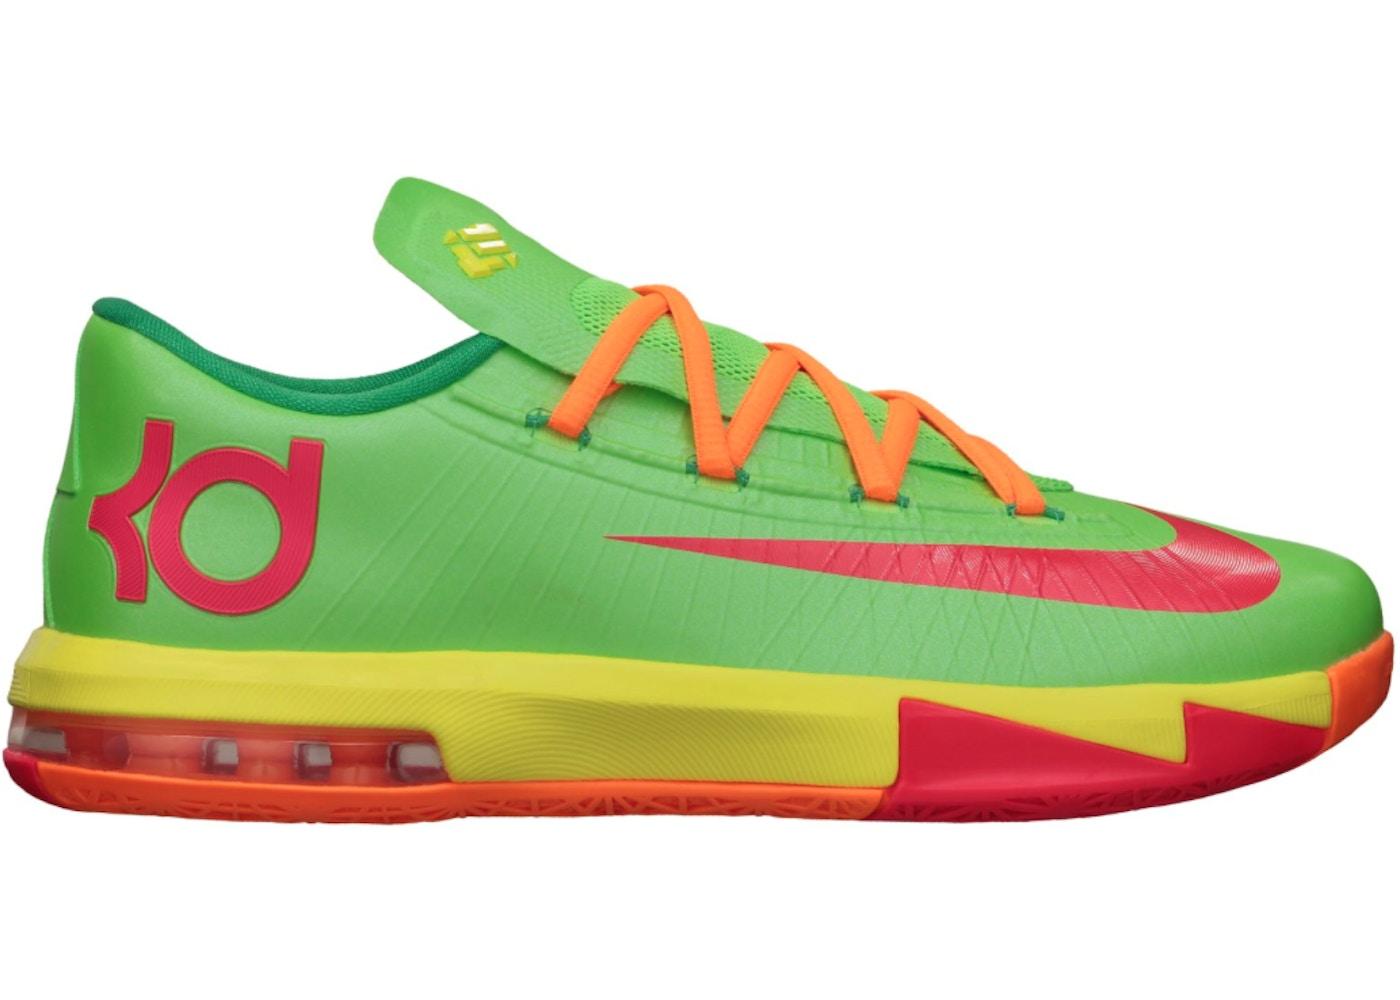 3b87099d8ec Buy Nike KD 6 Shoes   Deadstock Sneakers